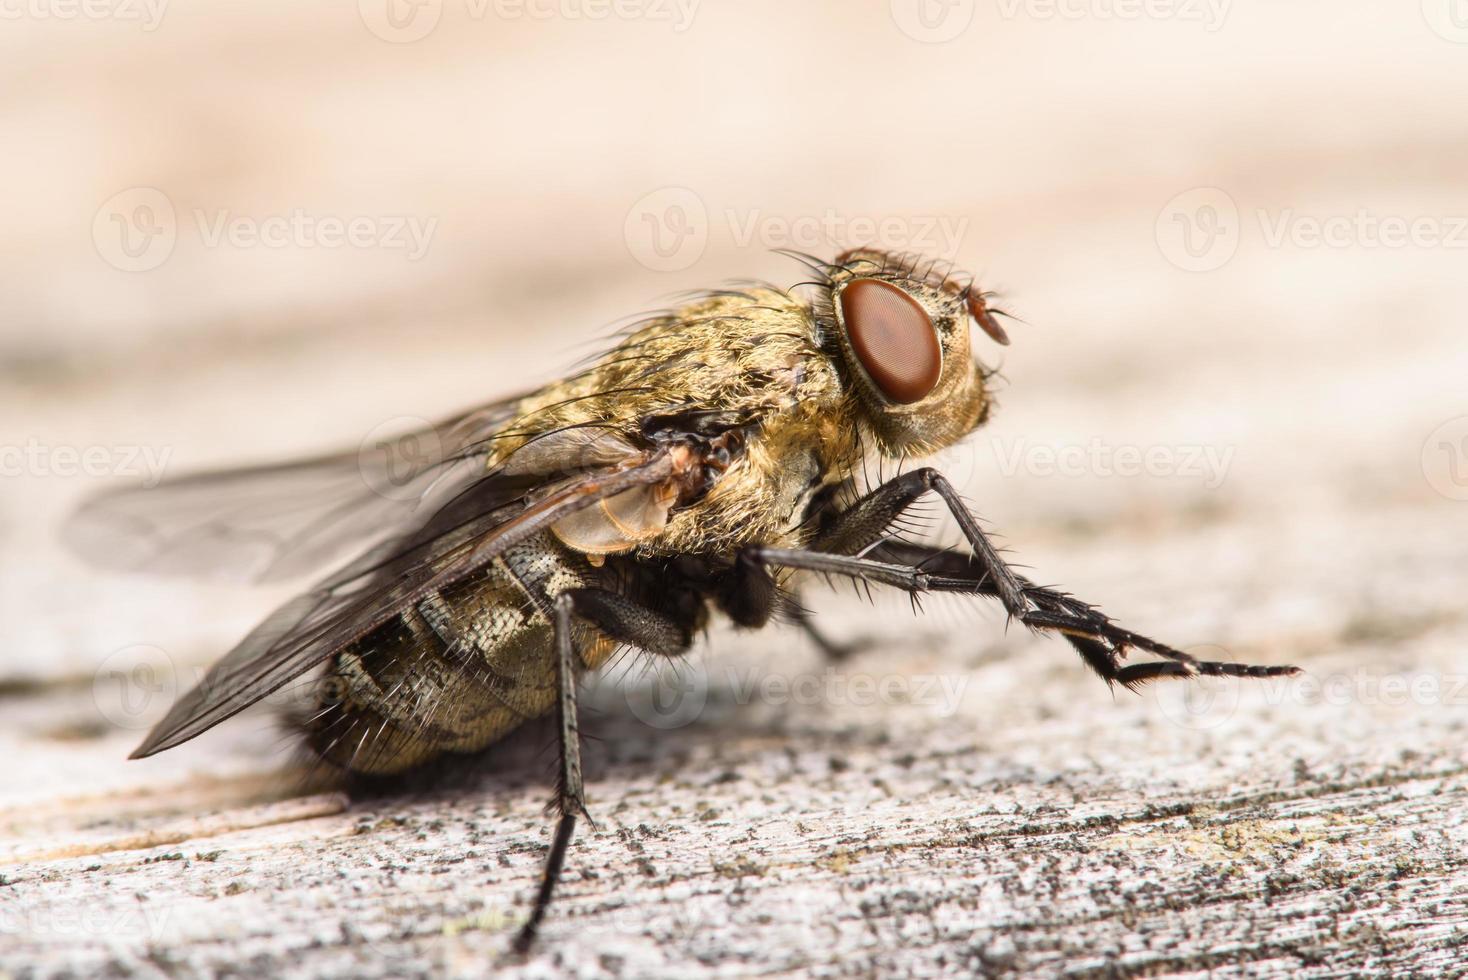 mosca dourada da casa do muscidae foto